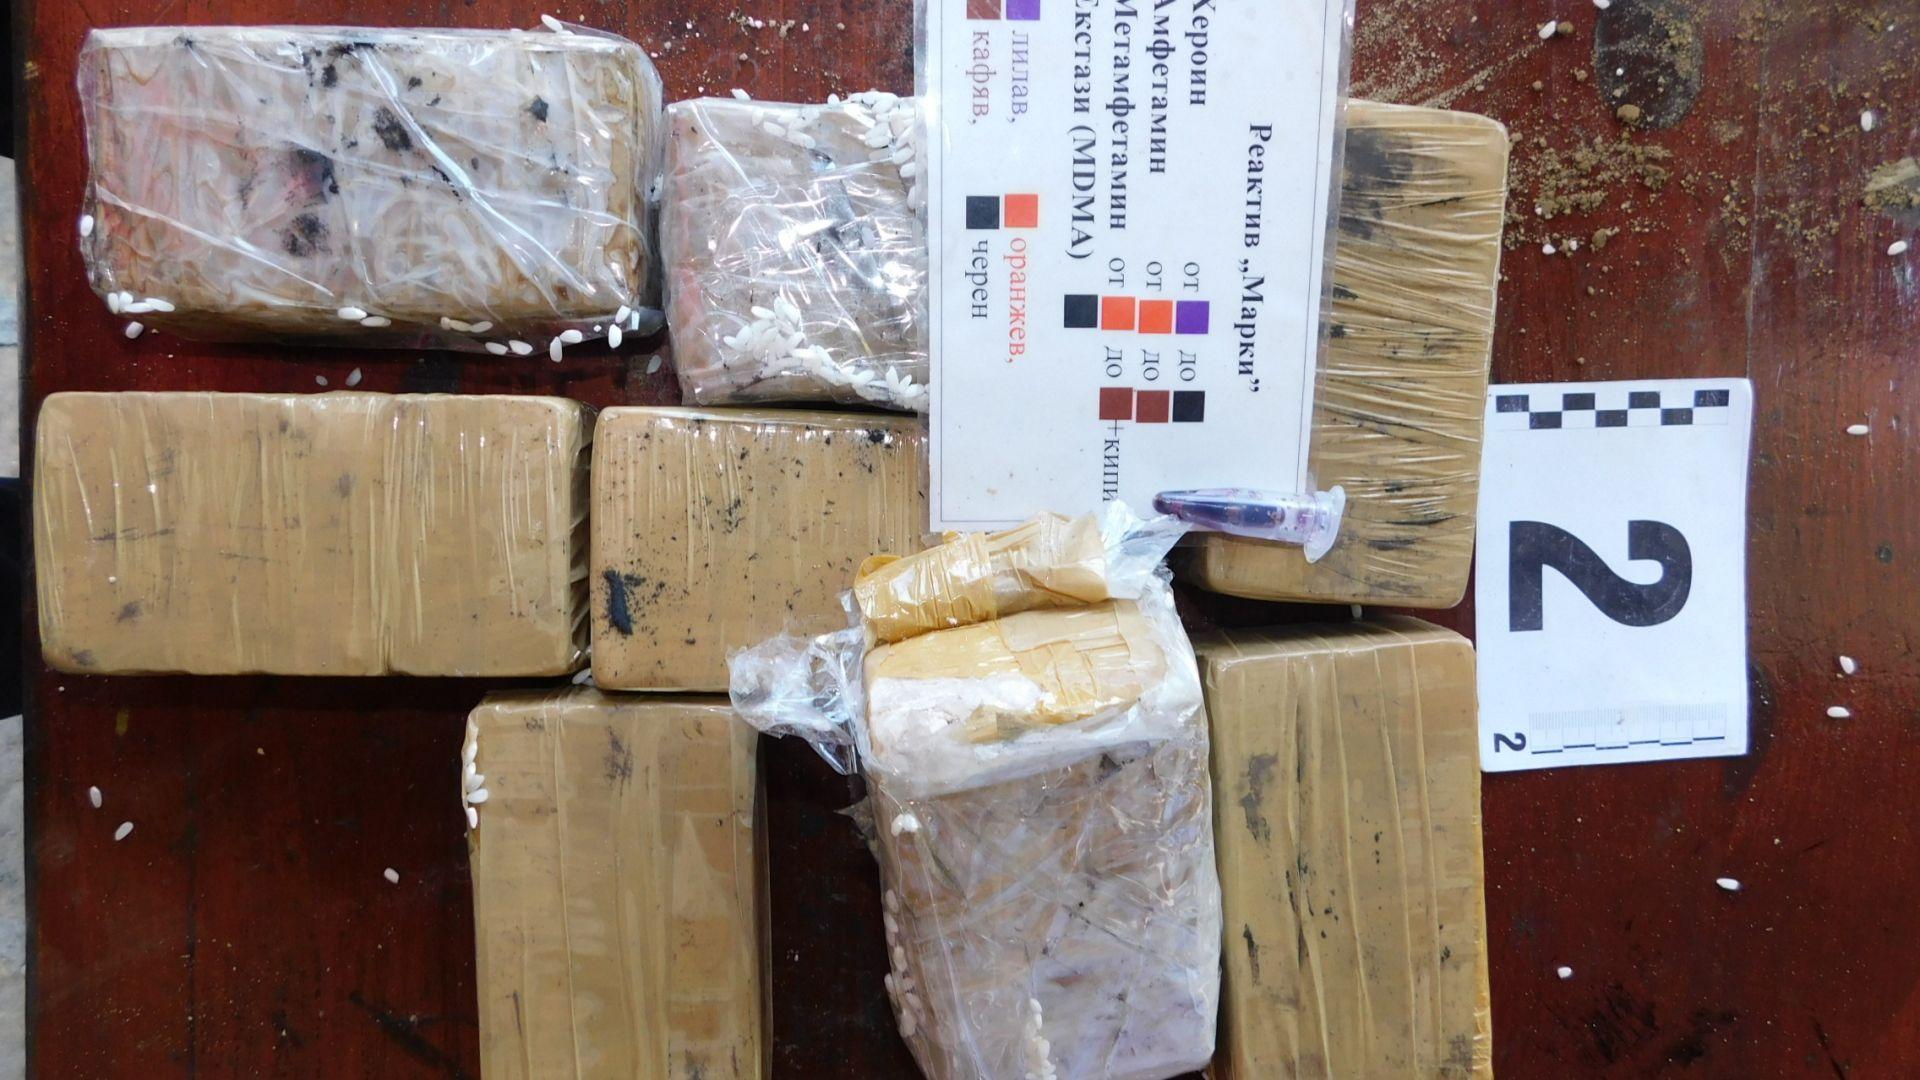 Снимка: Вижте закопаните 5,5 кг наркотици в двор в Габровско